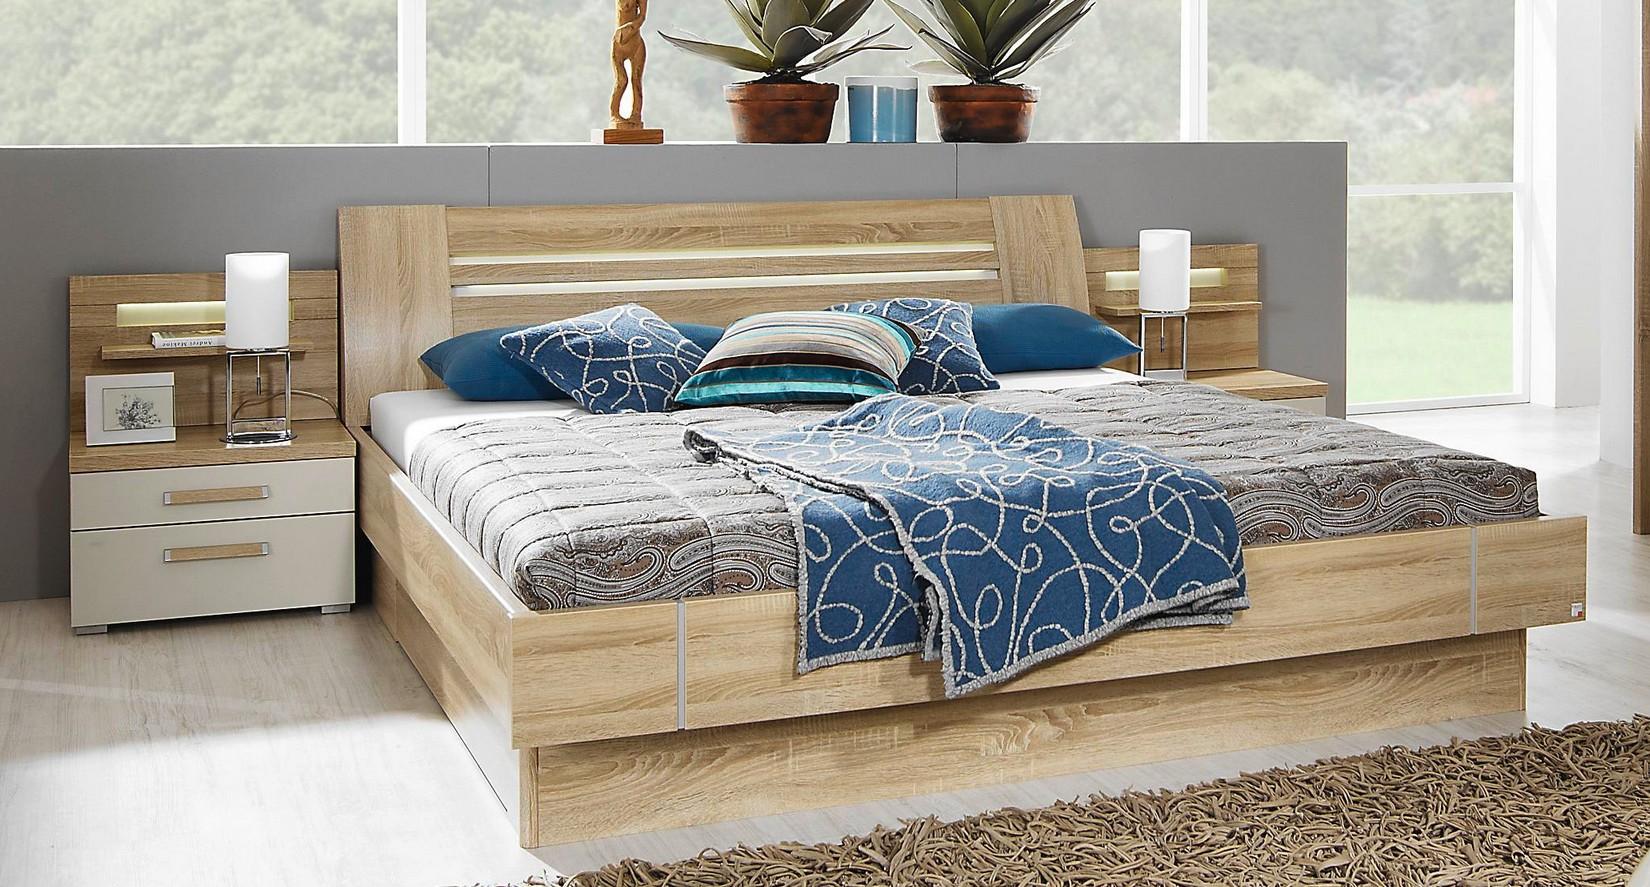 rauch dialog julietta bett ohne oder mit beleuchtung. Black Bedroom Furniture Sets. Home Design Ideas